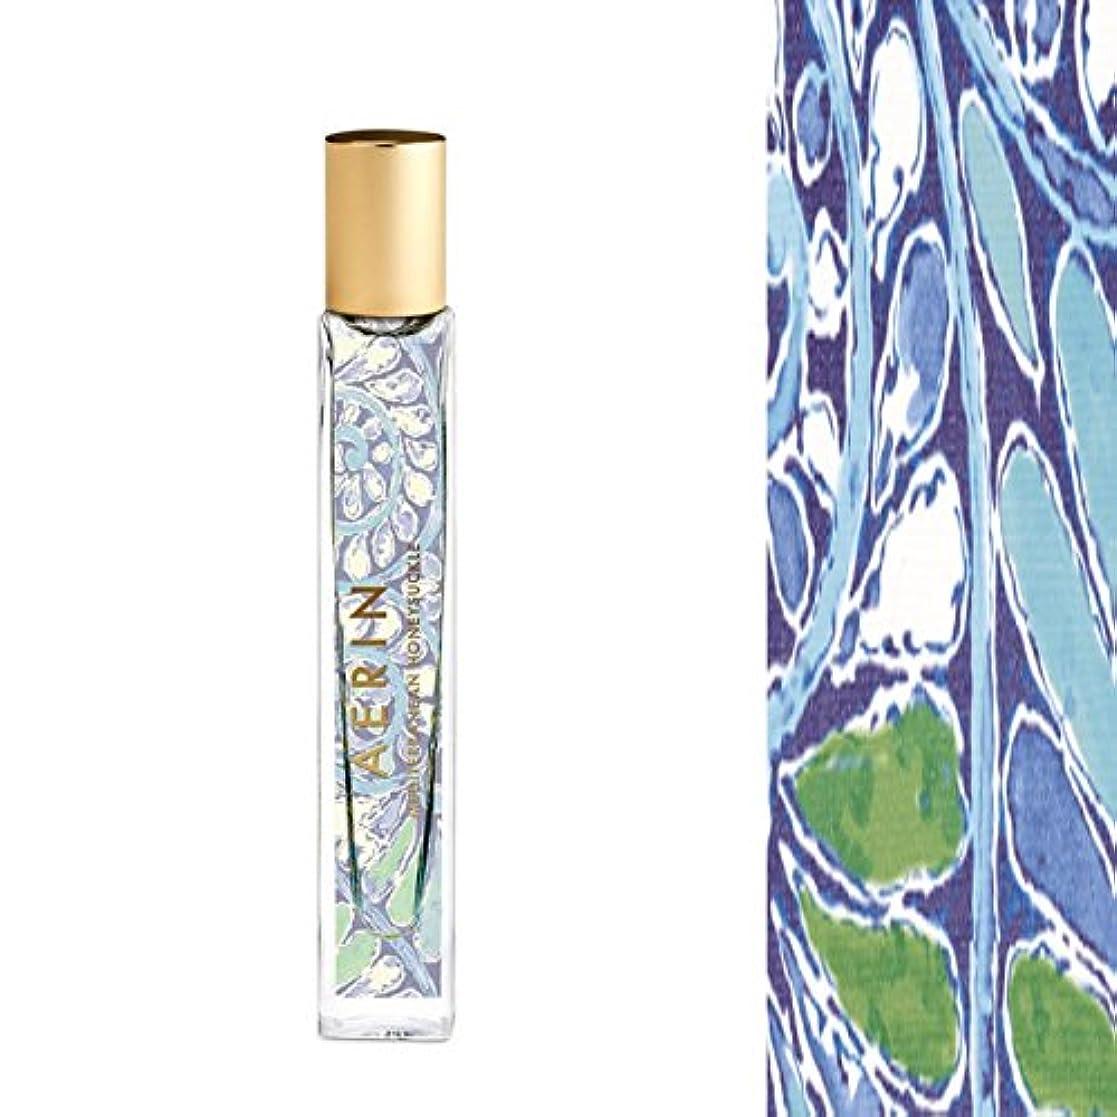 シルエット終わりカスケードAERIN Beauty Mediterranean Honeysuckle Eau de Parfum Rollerball, 0.27oz [海外直送品] [並行輸入品]